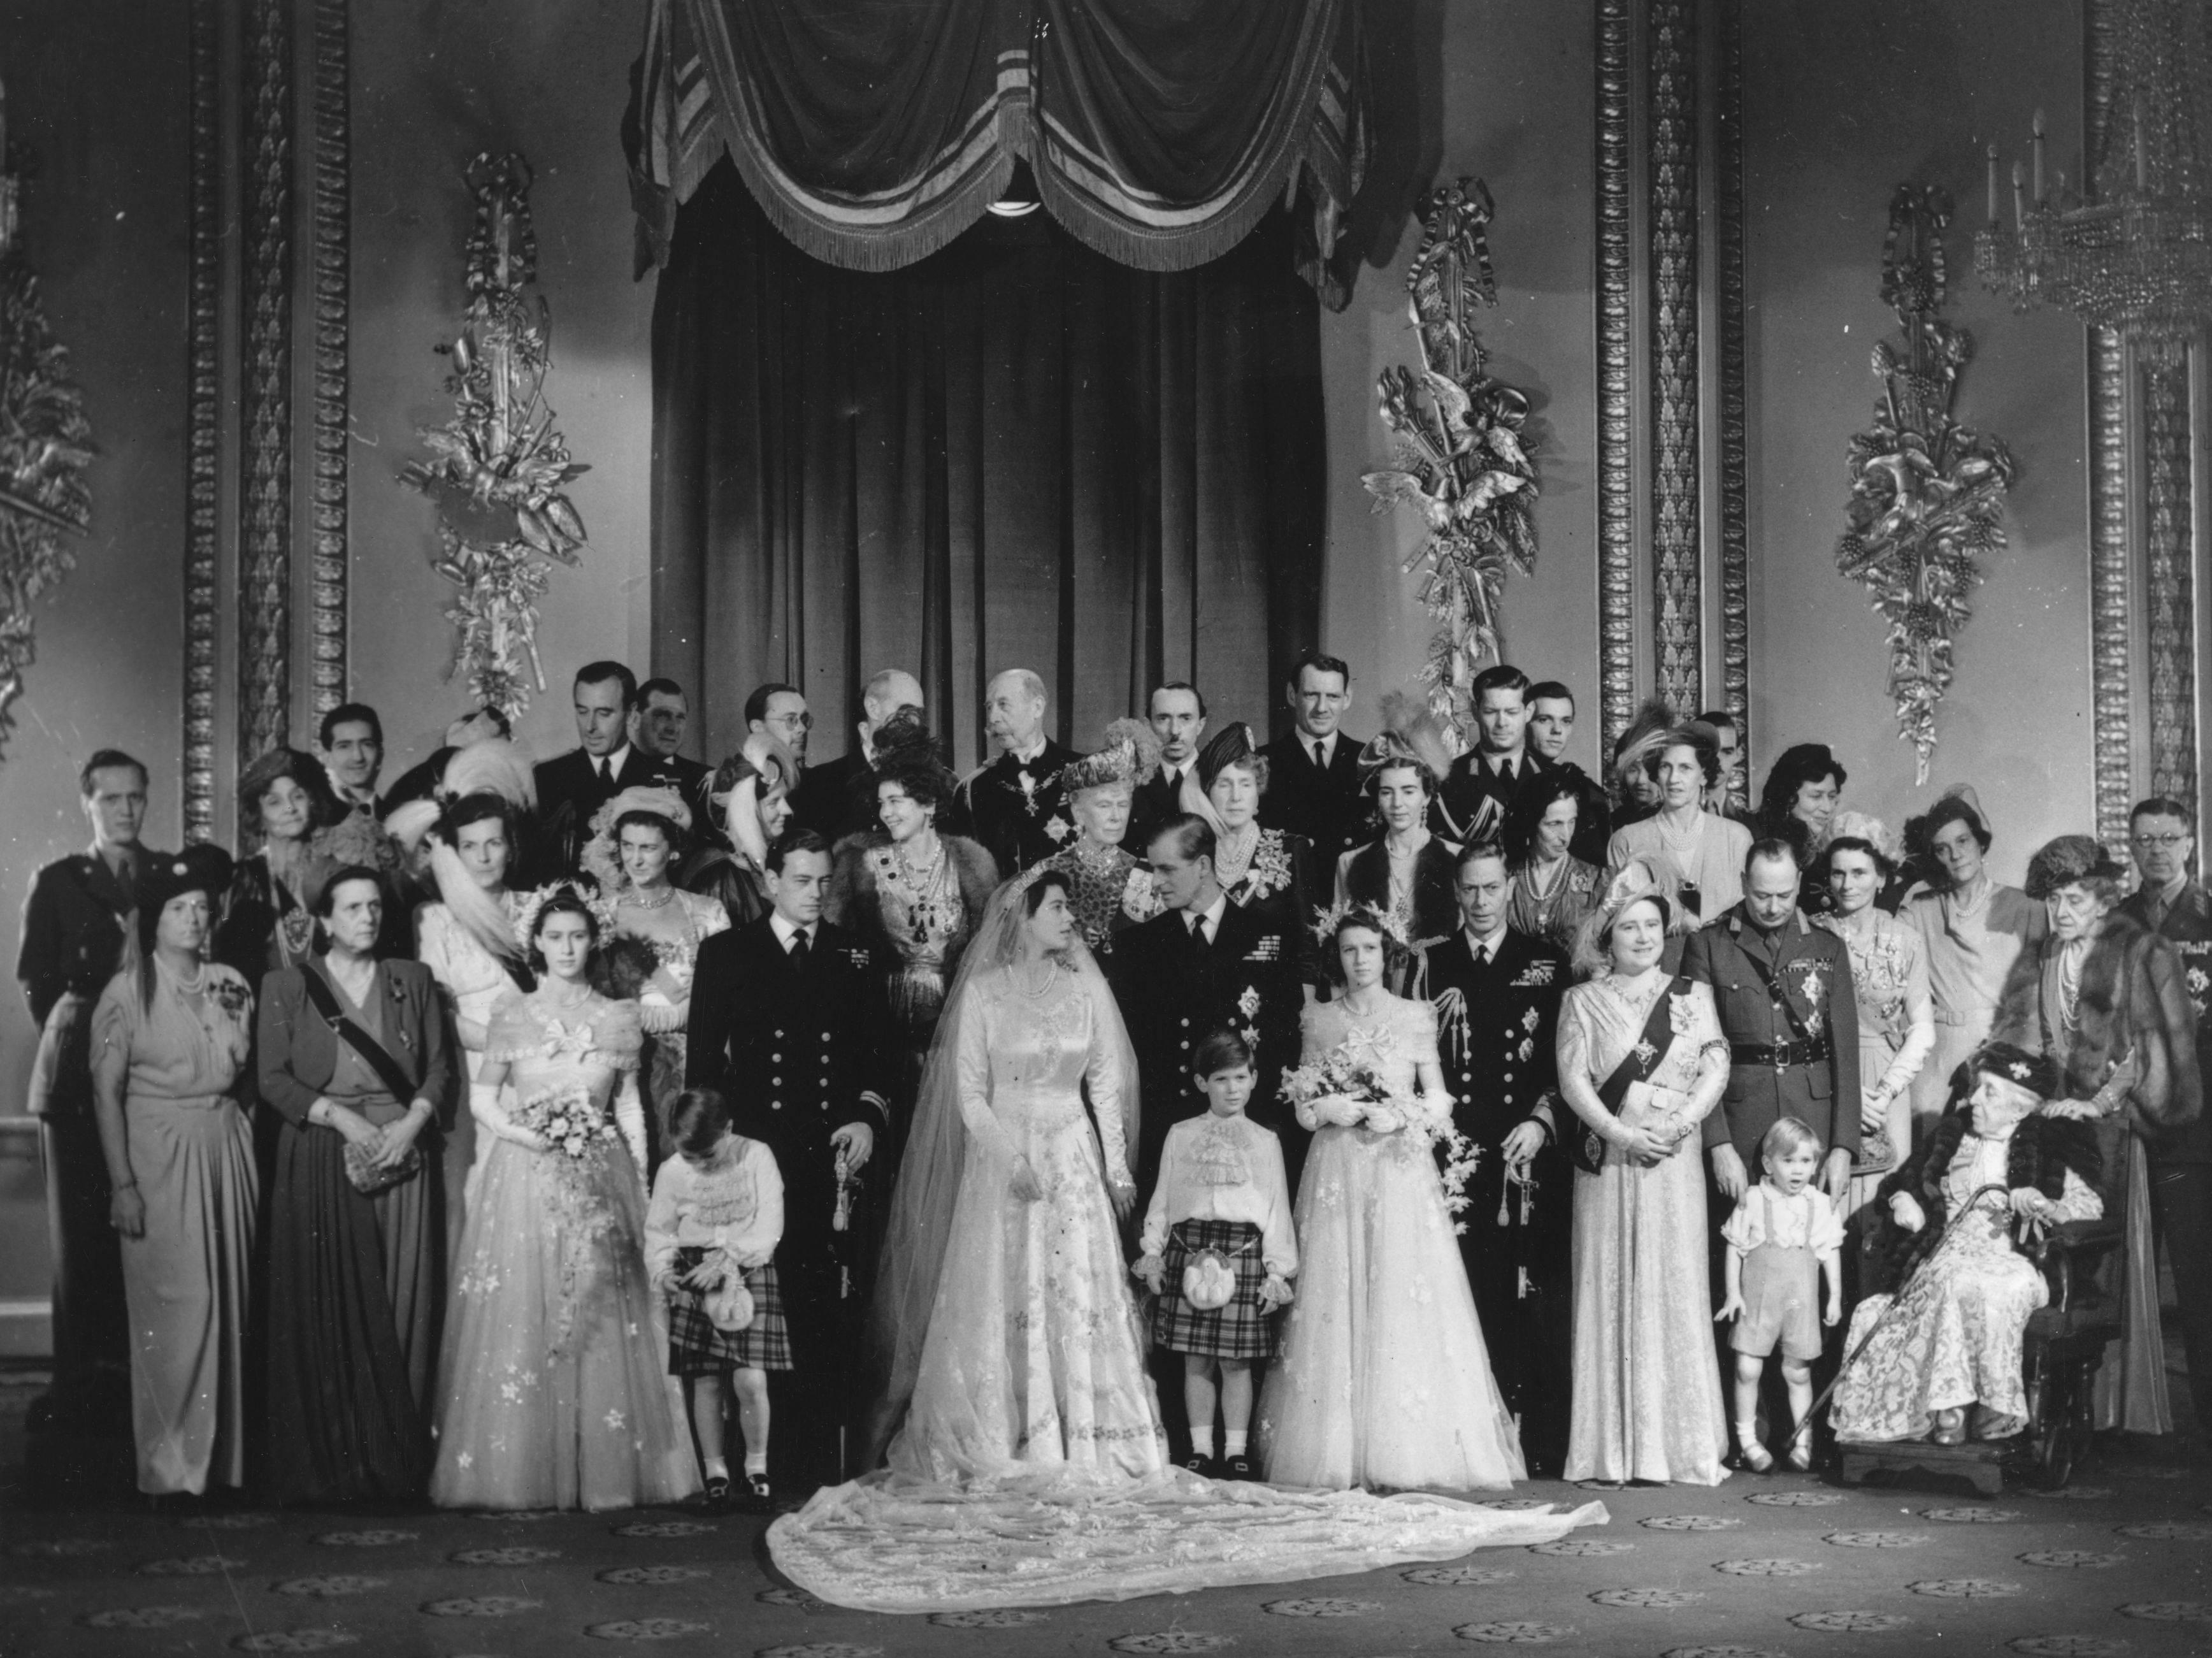 A Queen Elizabeth Wedding Theme Fantastical Wedding Stylings